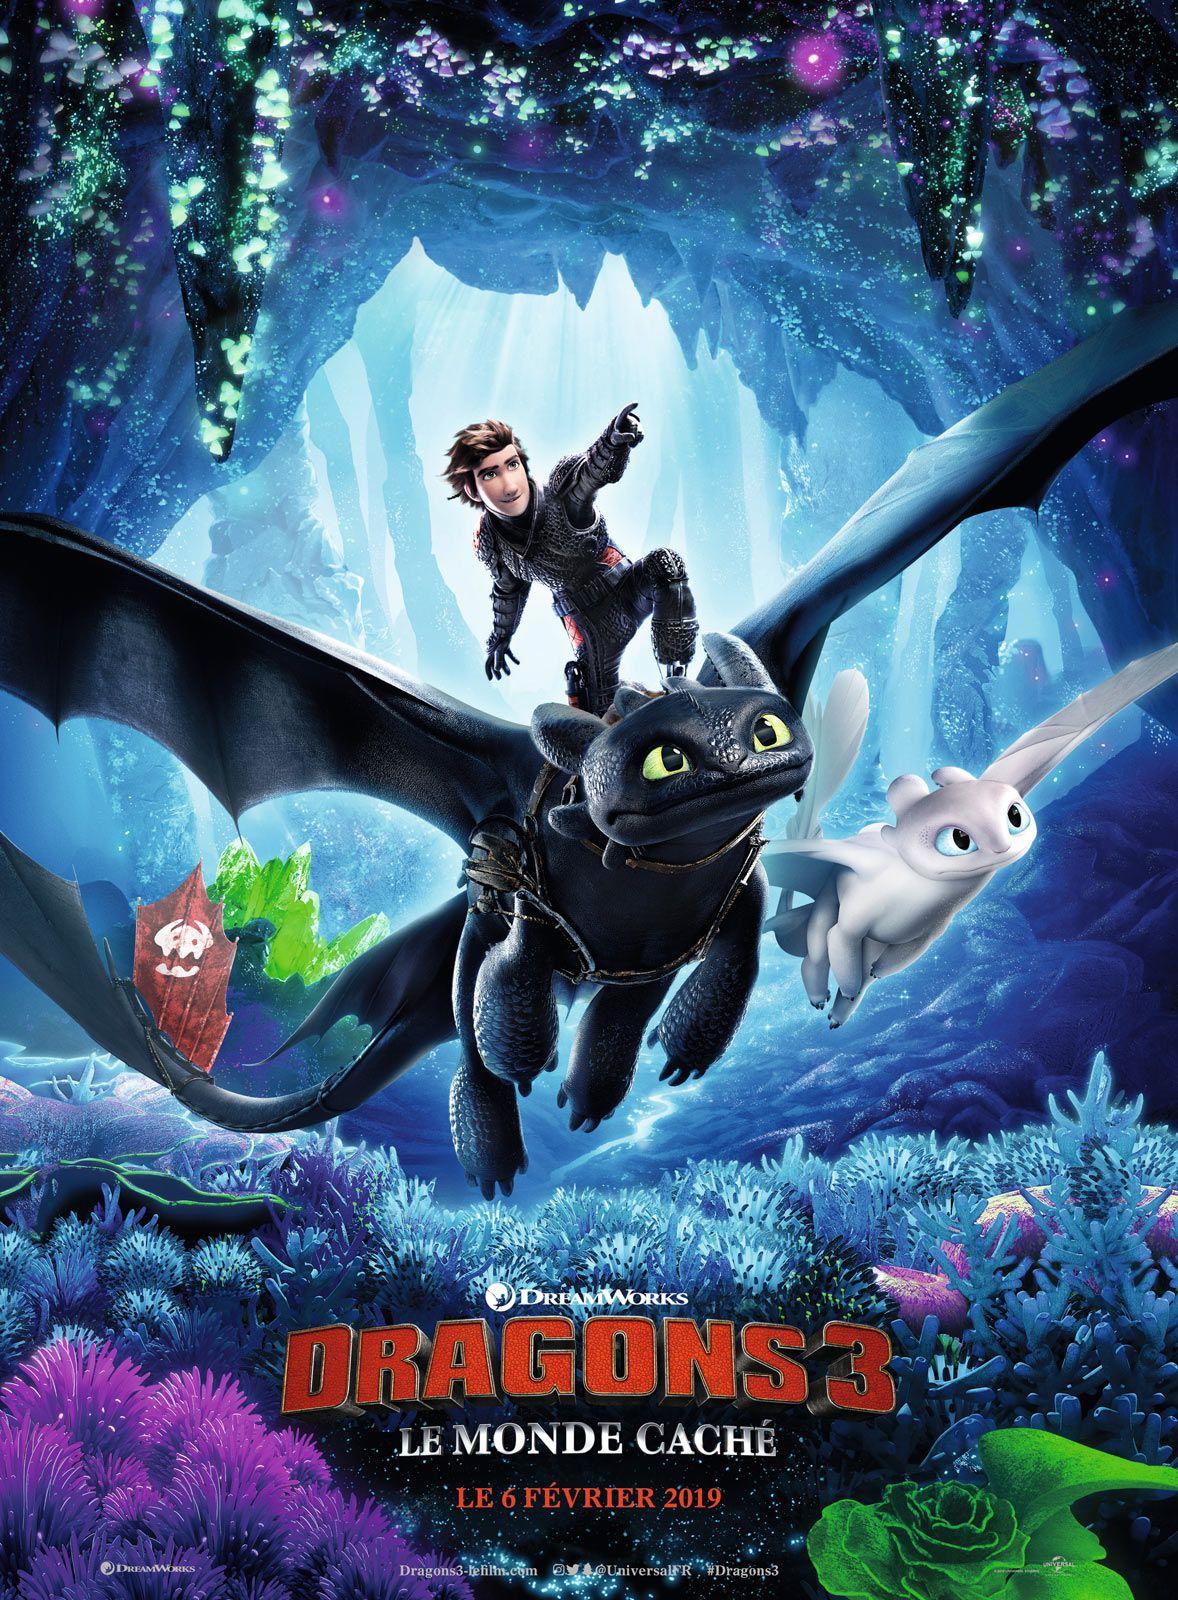 Dragons 3 : Le Monde caché - Long-métrage d'animation (2019)